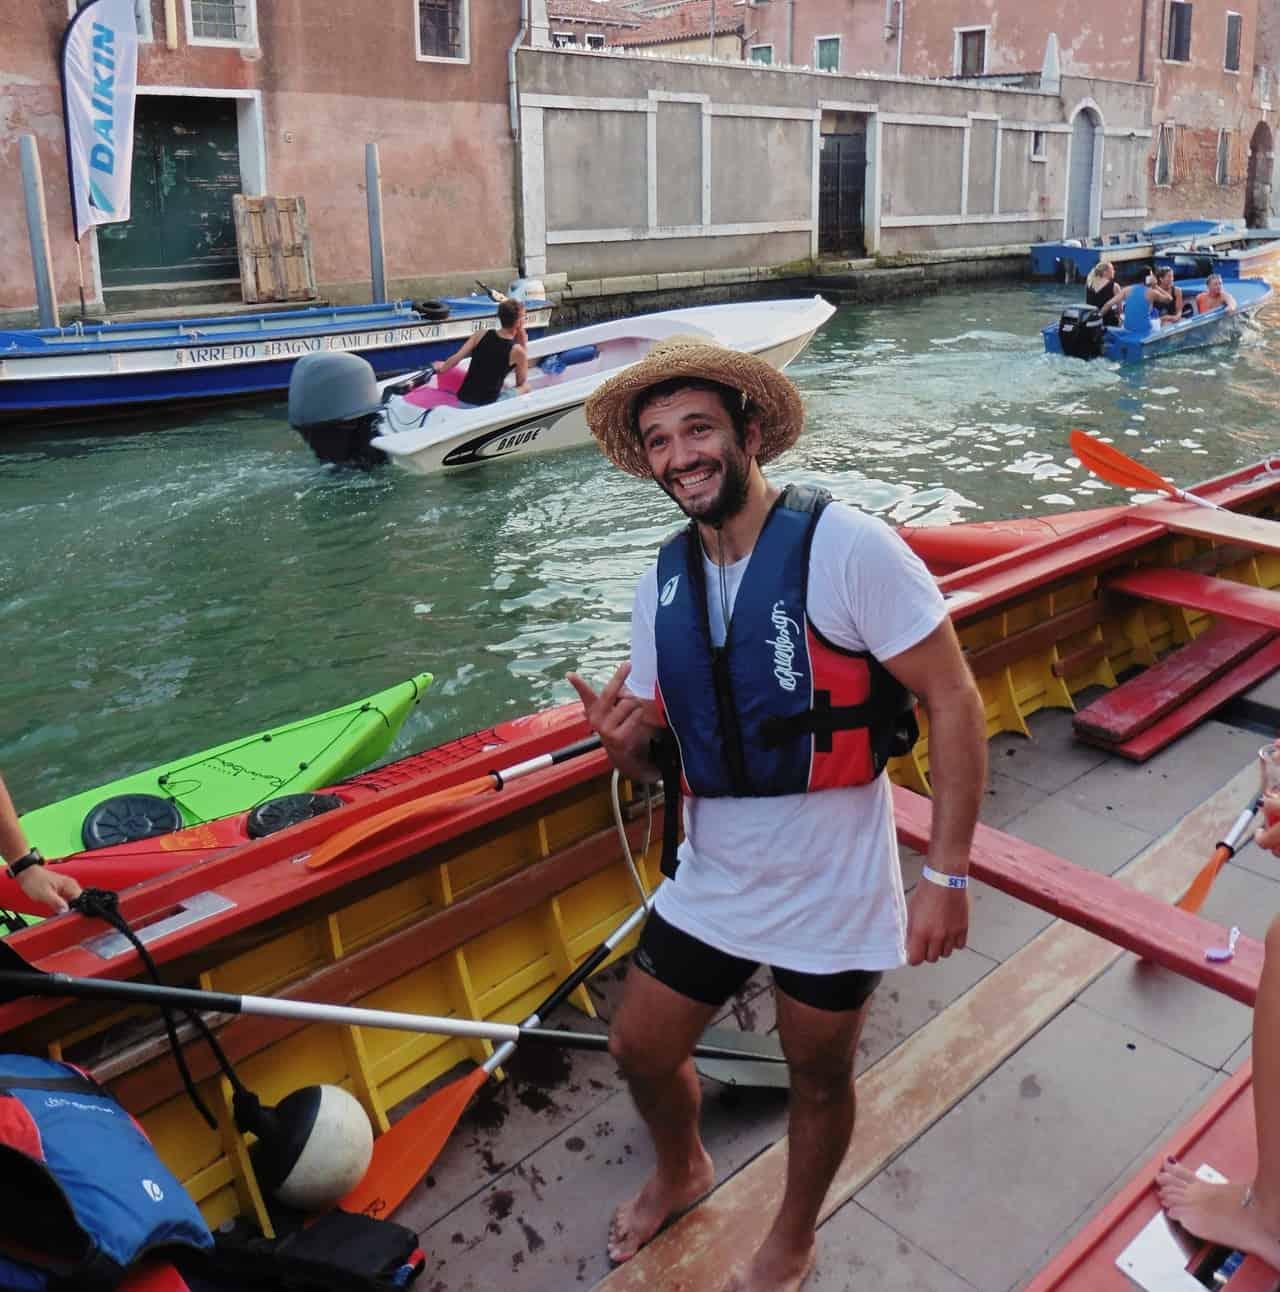 Venise Que faire: Du kayak!